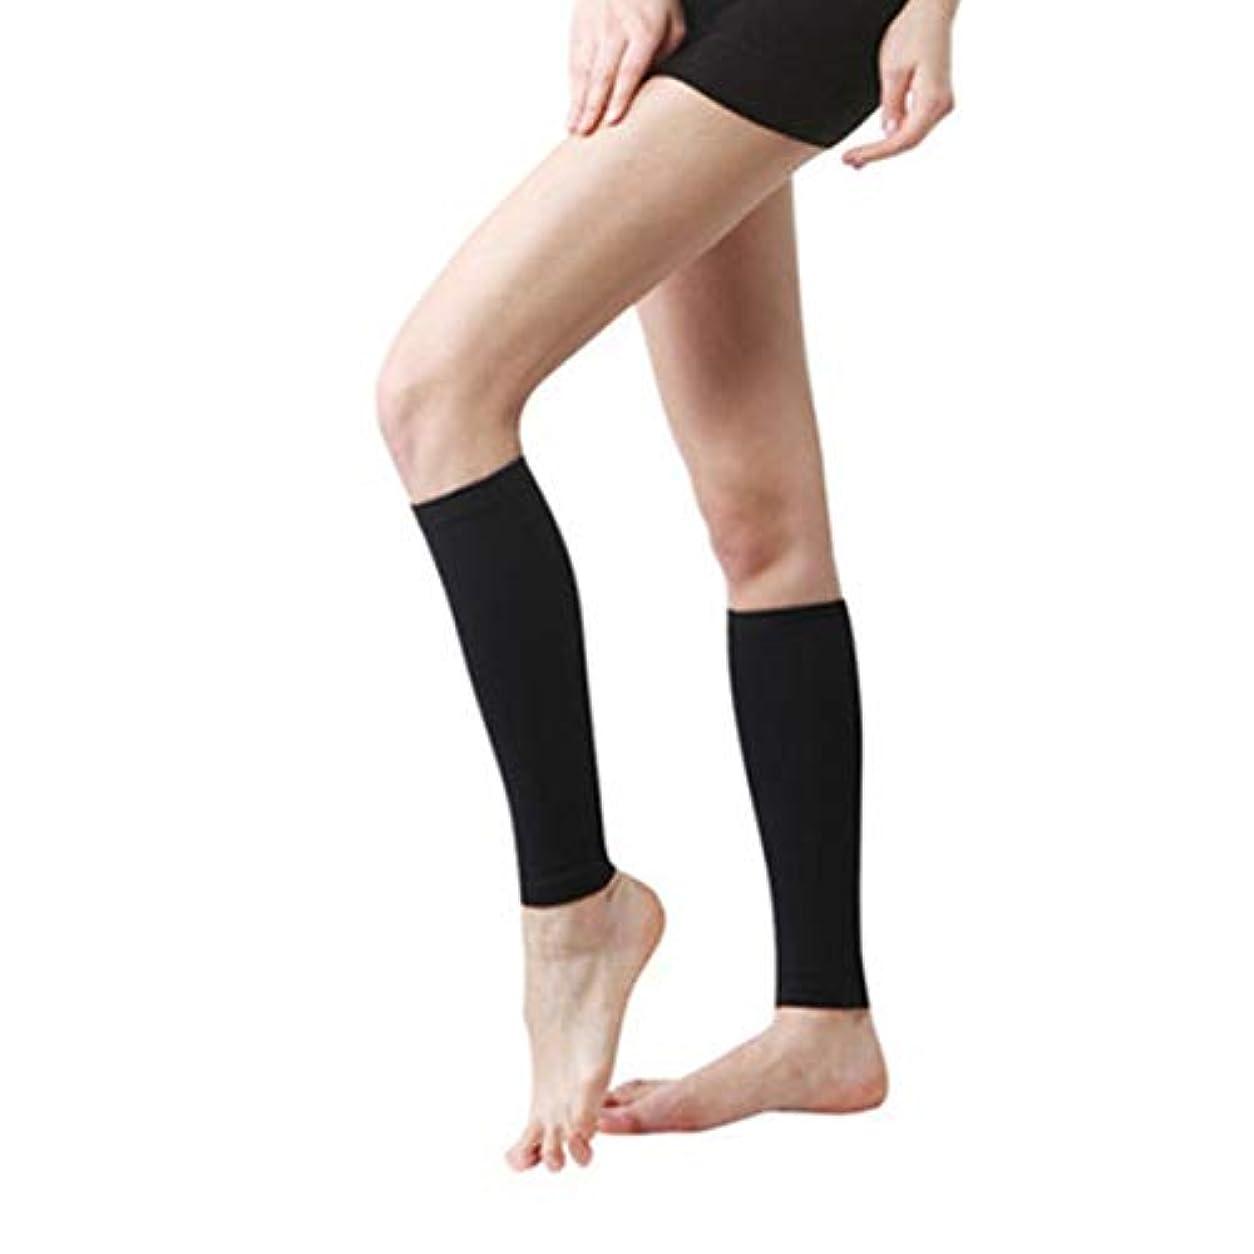 産地オフセット可動式丈夫な男性女性プロの圧縮靴下通気性のある旅行活動看護師用シンススプリントフライトトラベル - ブラック